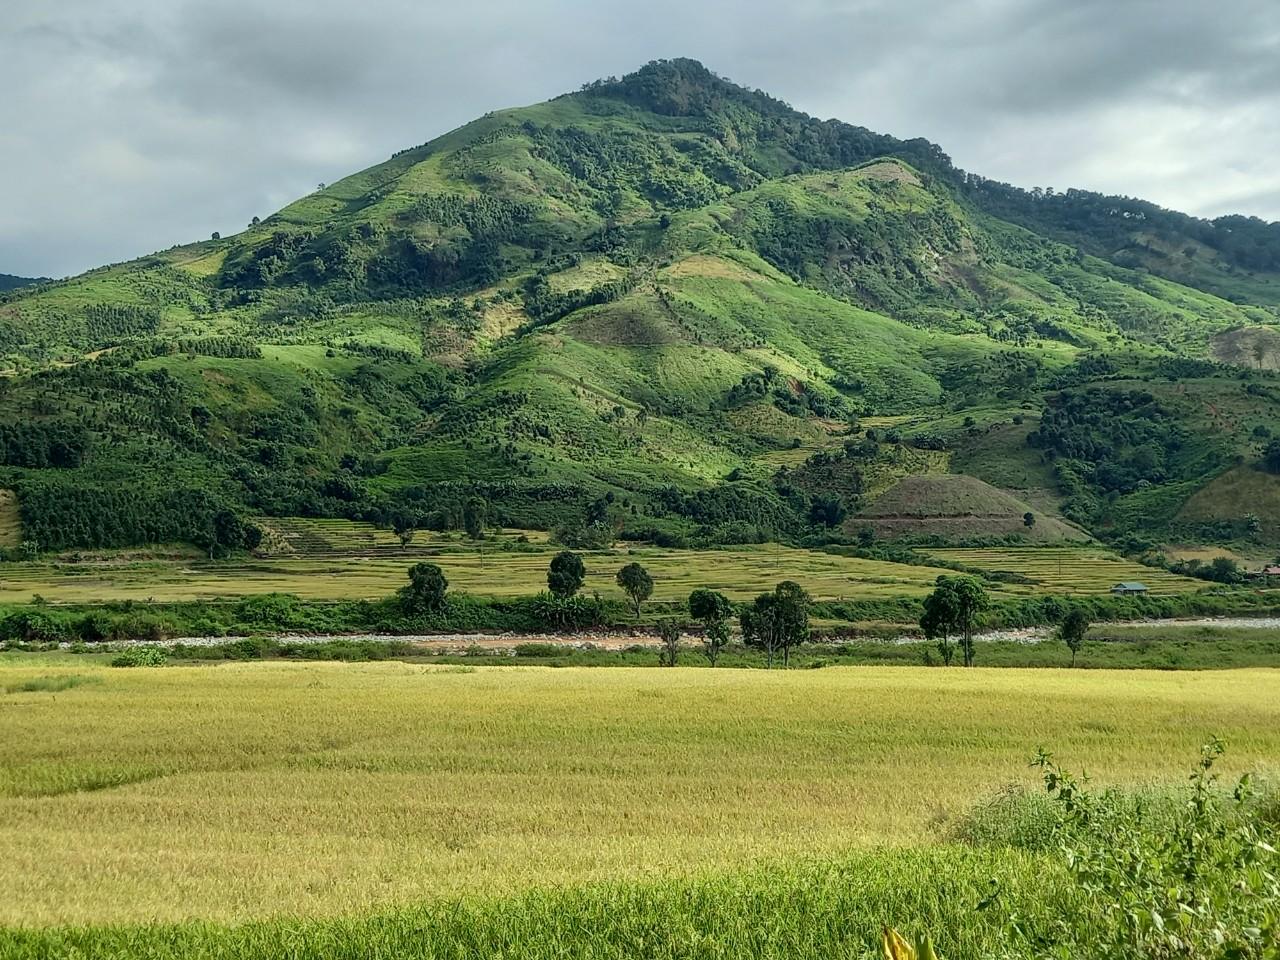 Một góc cánh đồng lúa tuyệt đẹp ở xã Ngọk Lây.